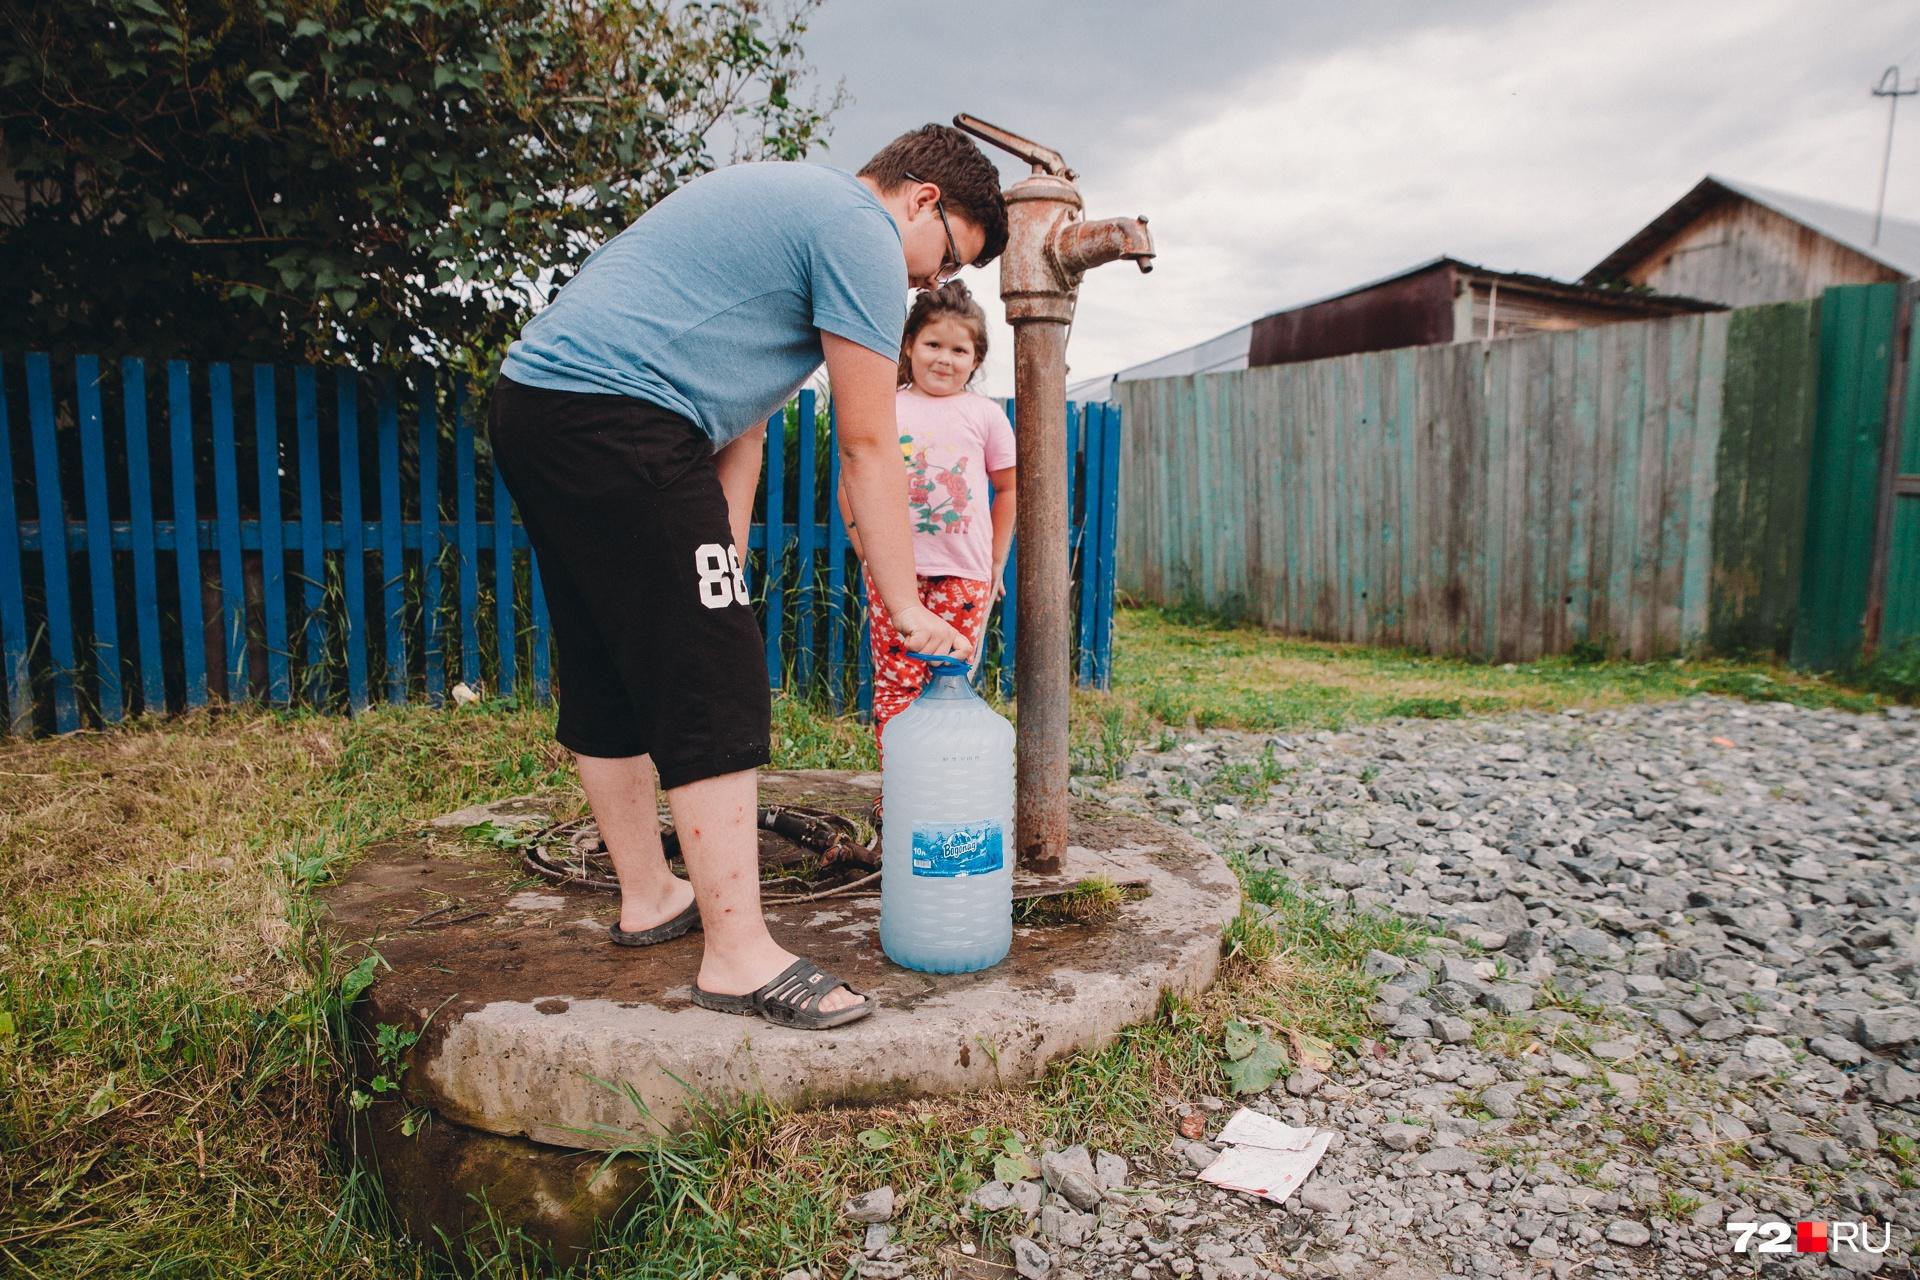 Вот такую воду пьют жители села Яр, которое находится в считаных метрах от границы города